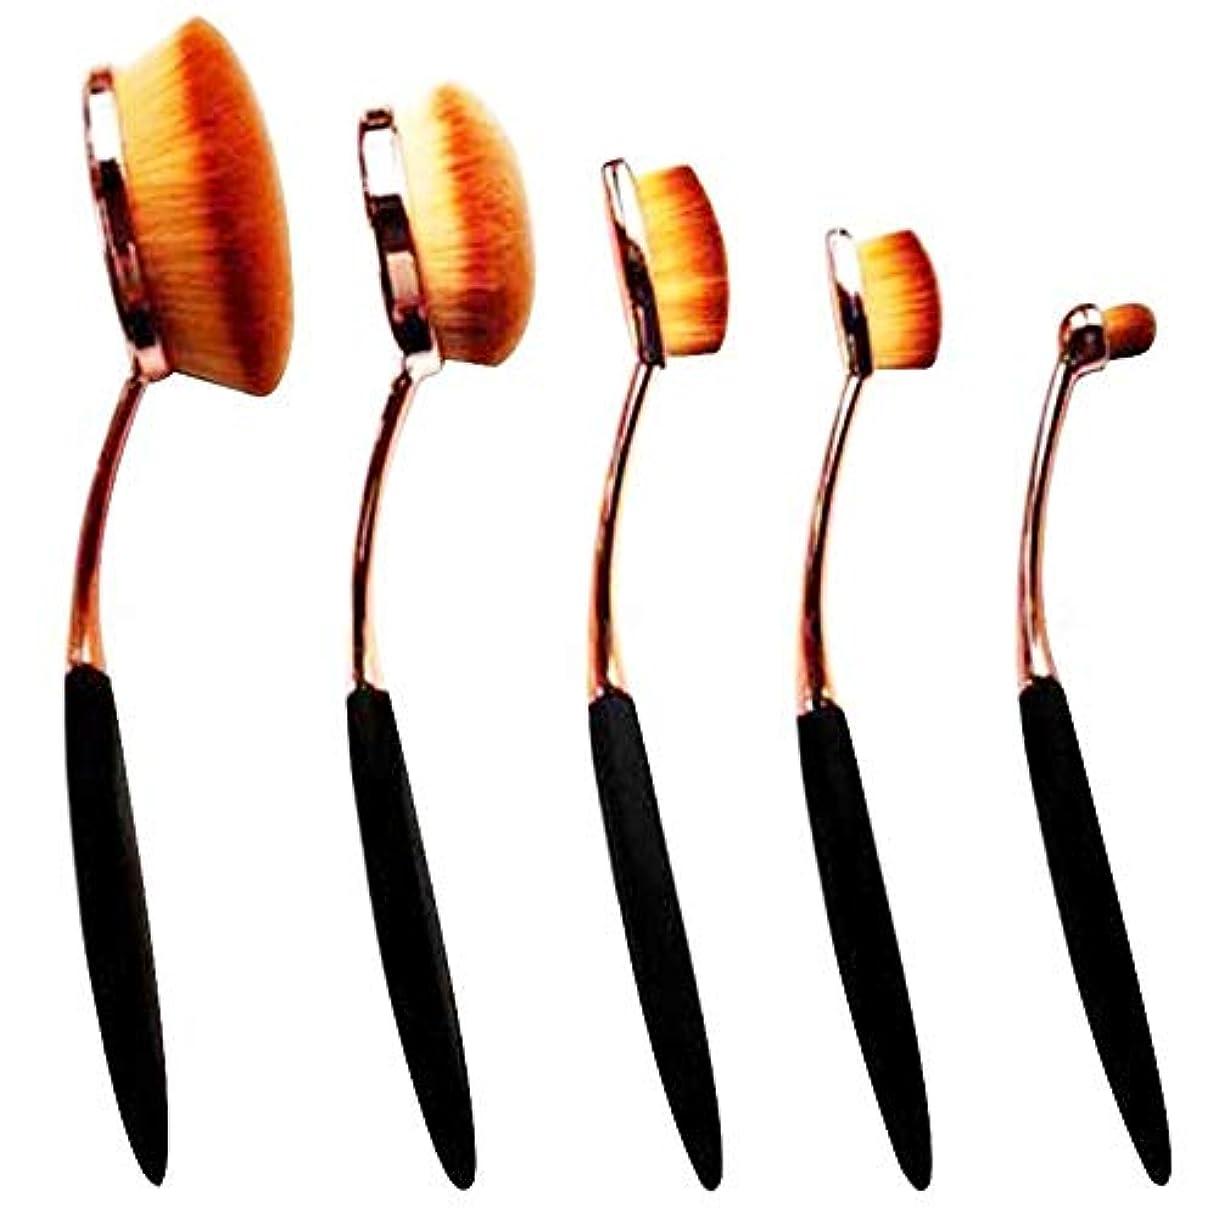 温度計考古学ハプニング5個 専用 化粧ブラシ 歯ブラシ型 高級繊維毛 ファンデーションブラシ メイクブラシ メイクアップブラシ コスメ 化粧 ファンデーションブラシ